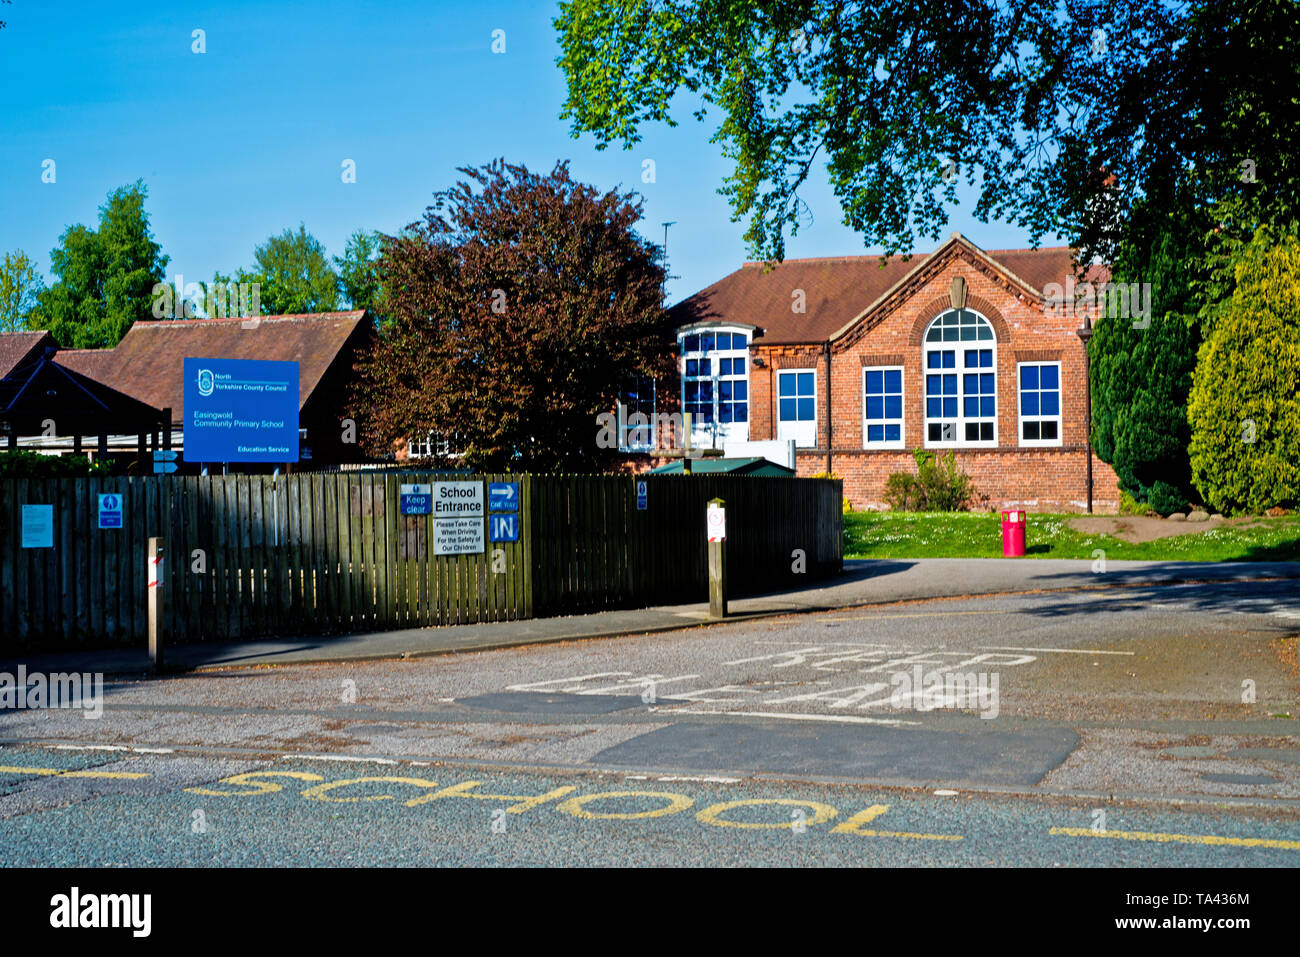 La escuela primaria comunitaria Easingwold, Easingwold, North Yorkshire, Inglaterra Imagen De Stock